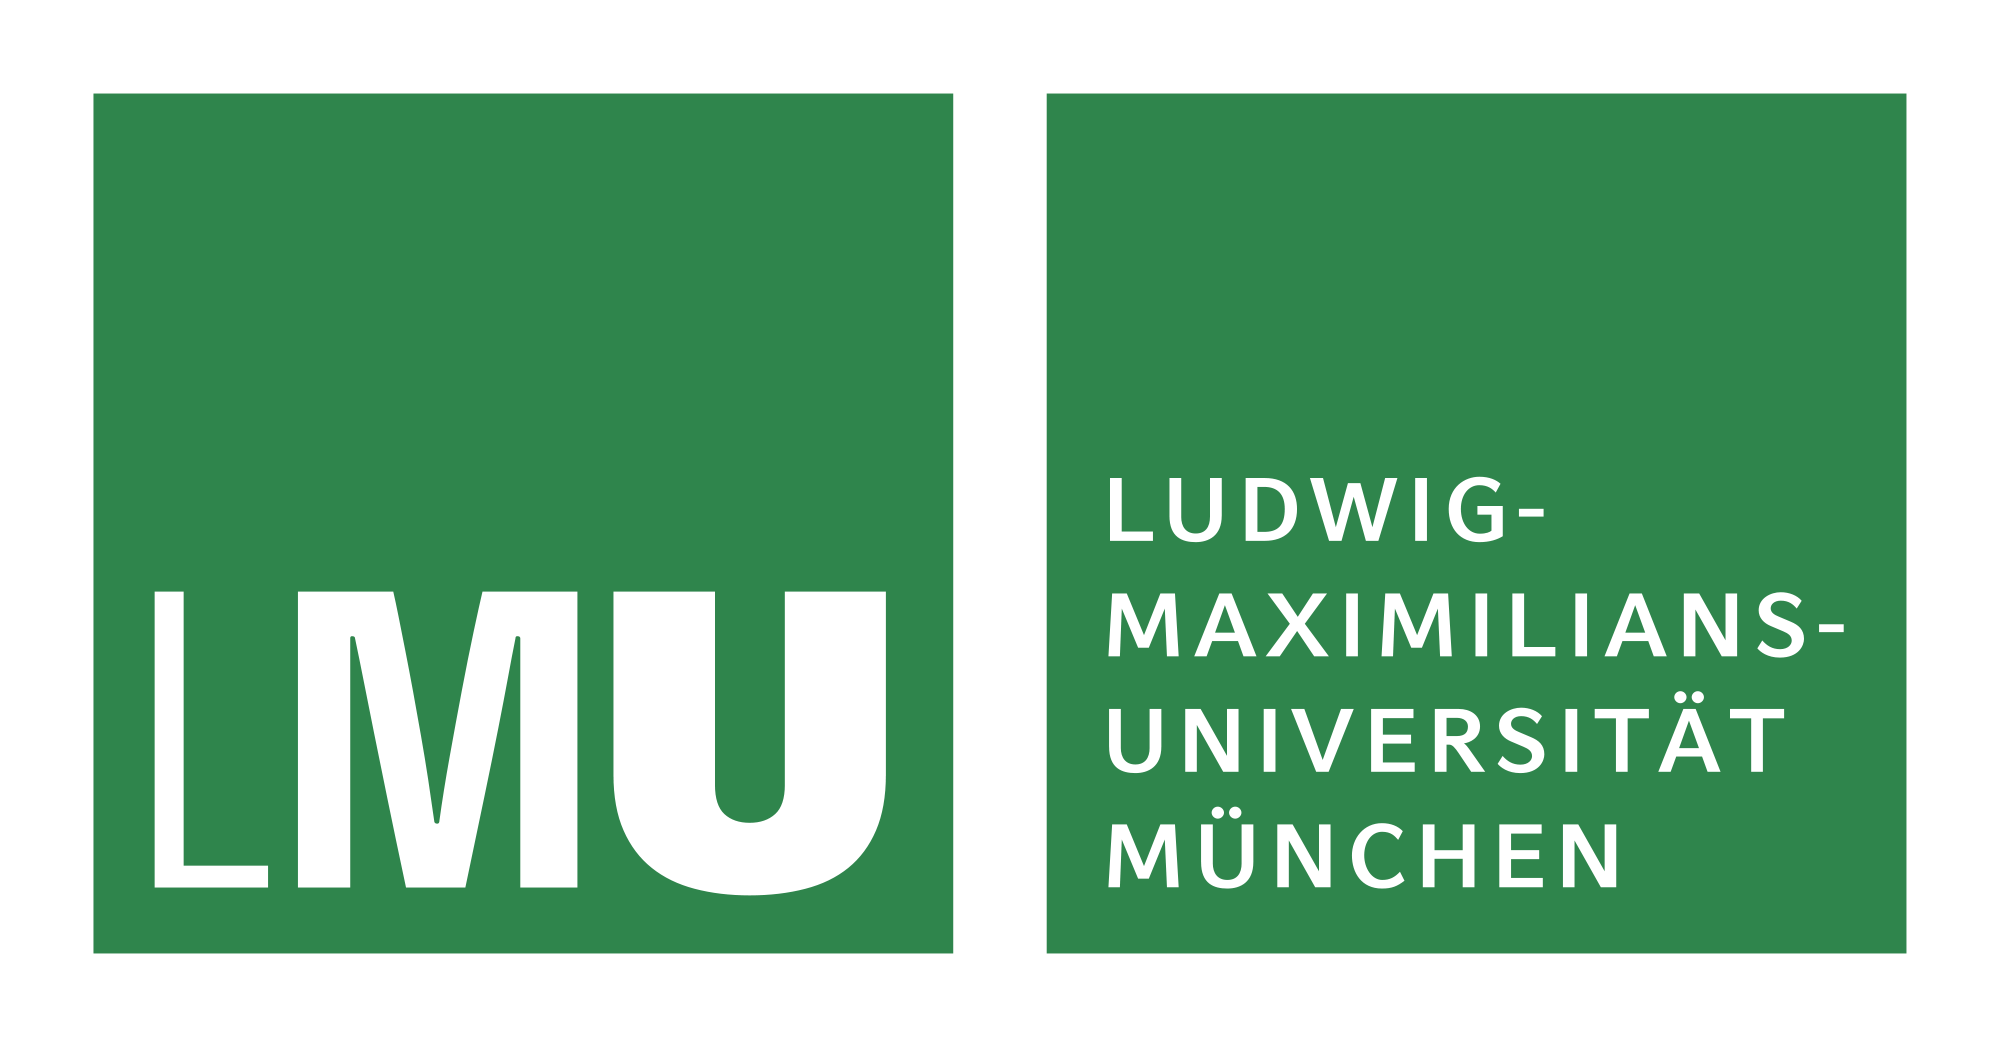 LMU_Muenchen